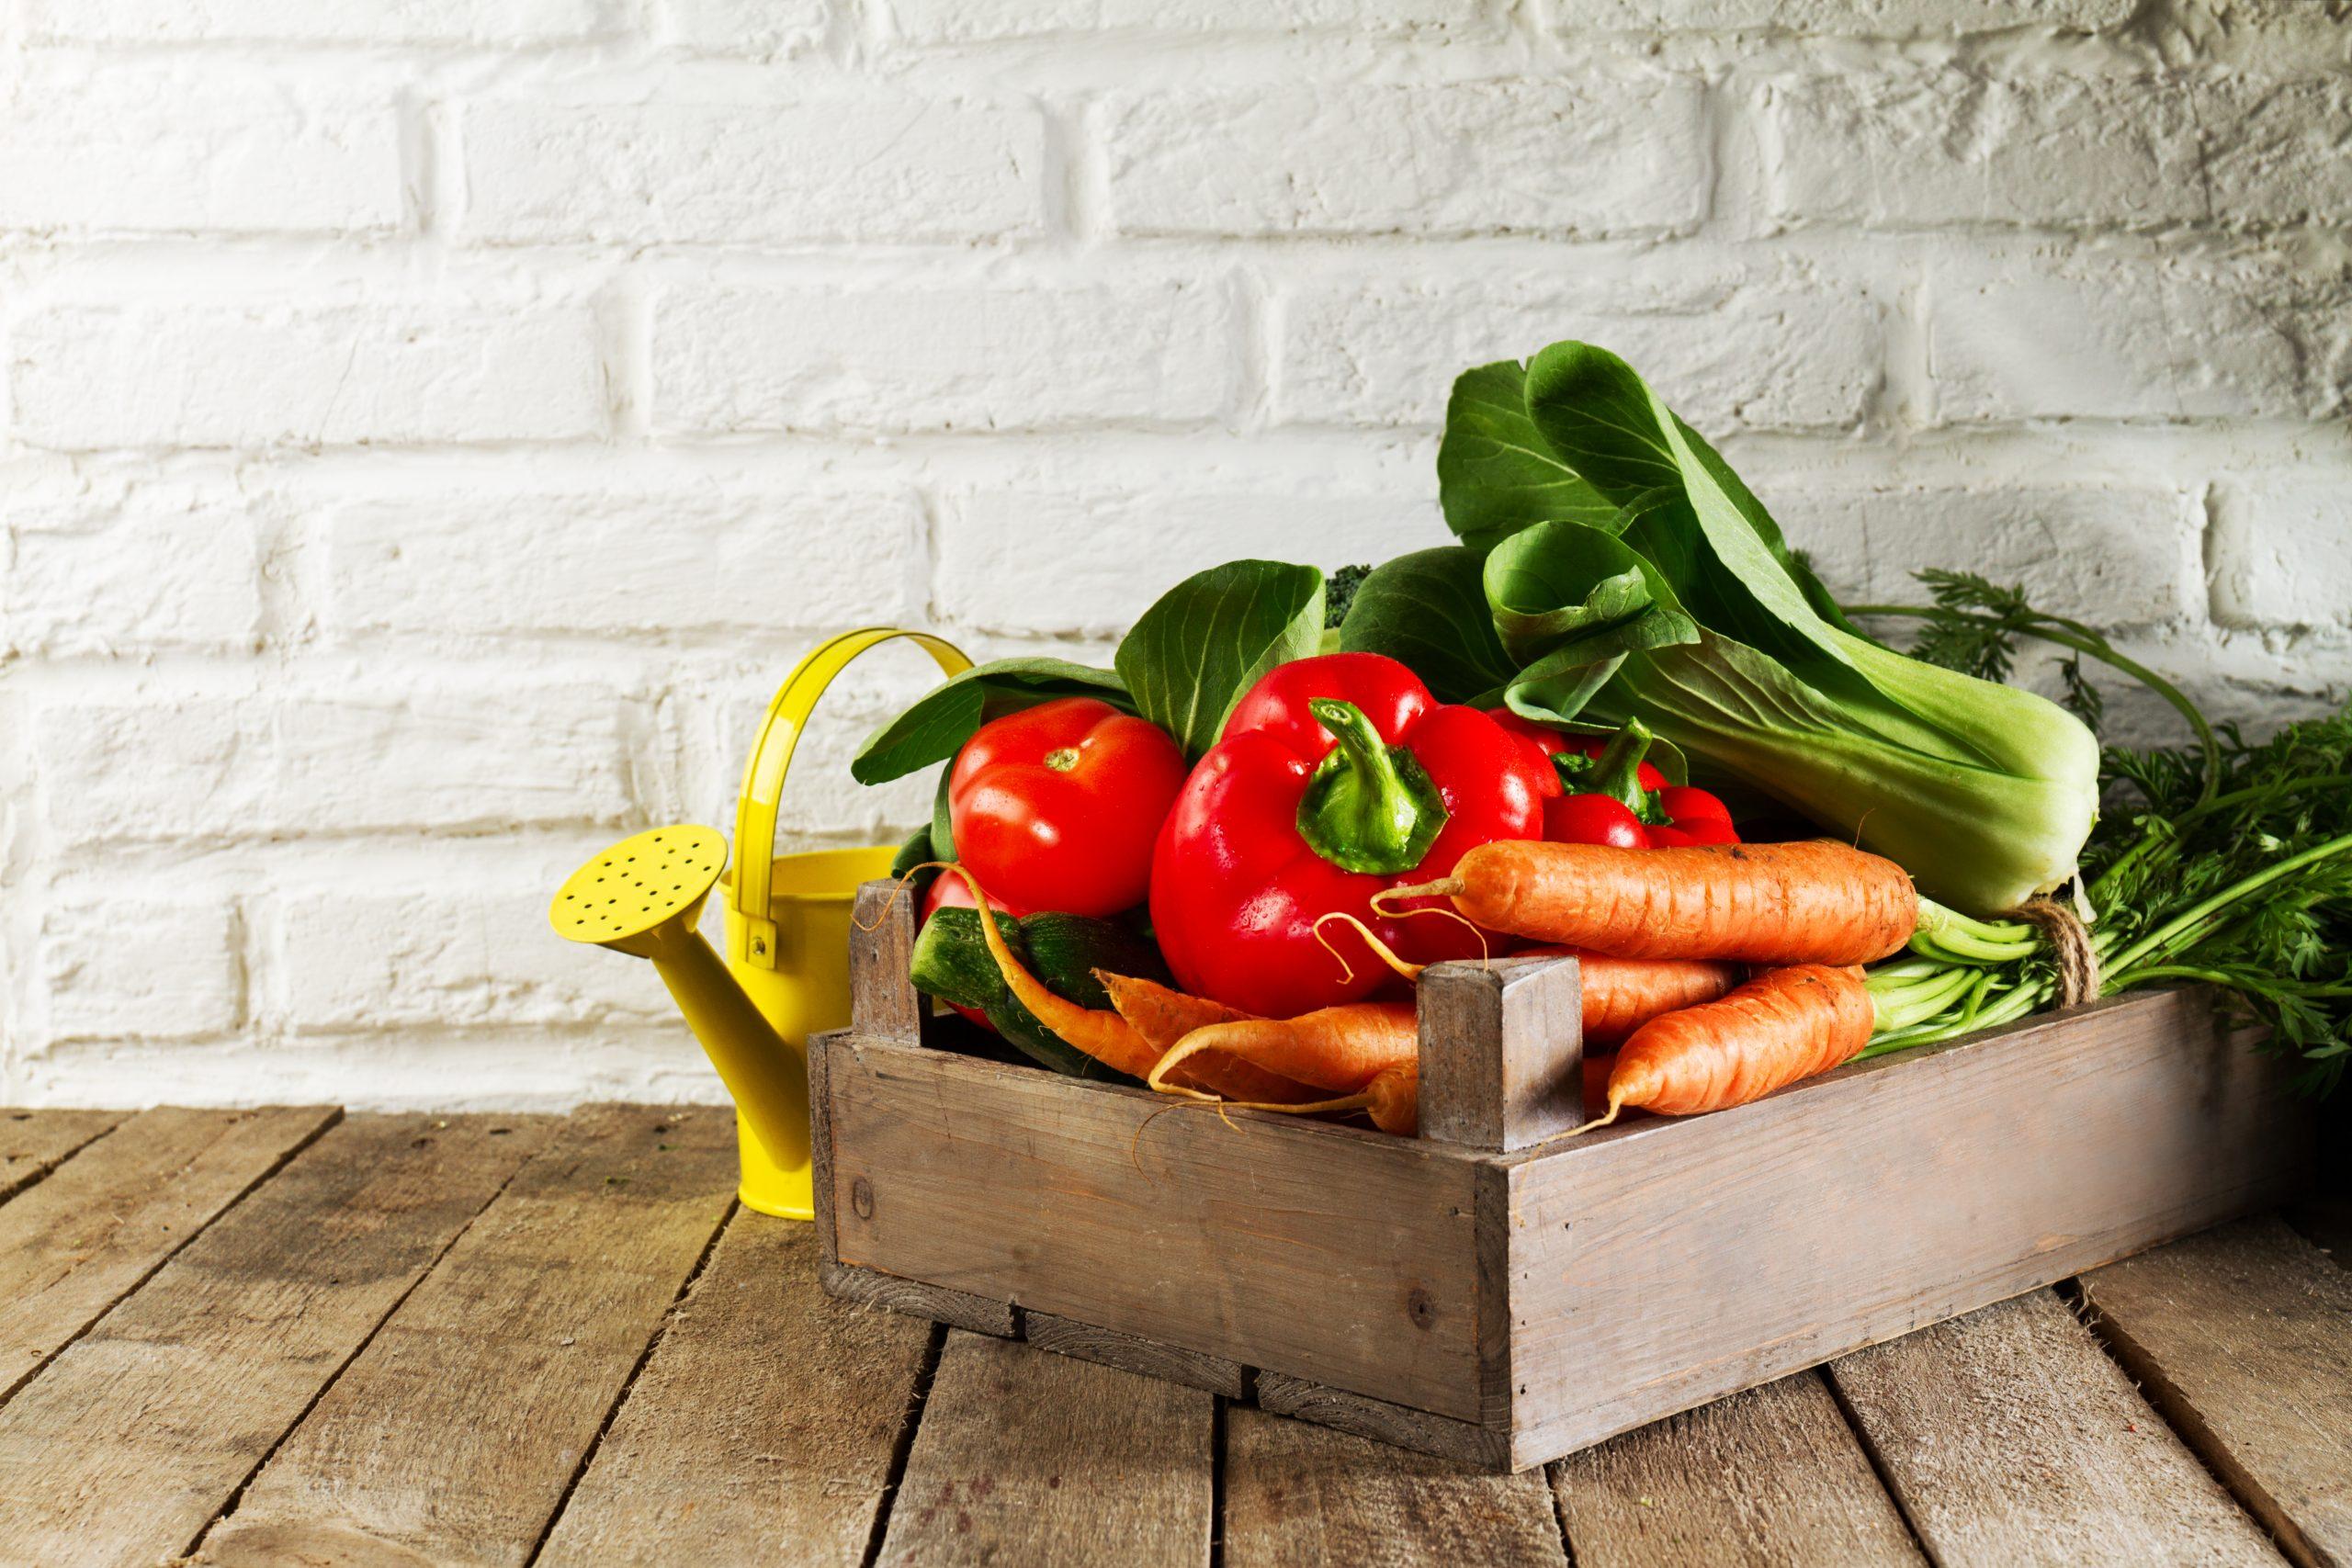 Po jakie naturalne produkty warto sięgać?